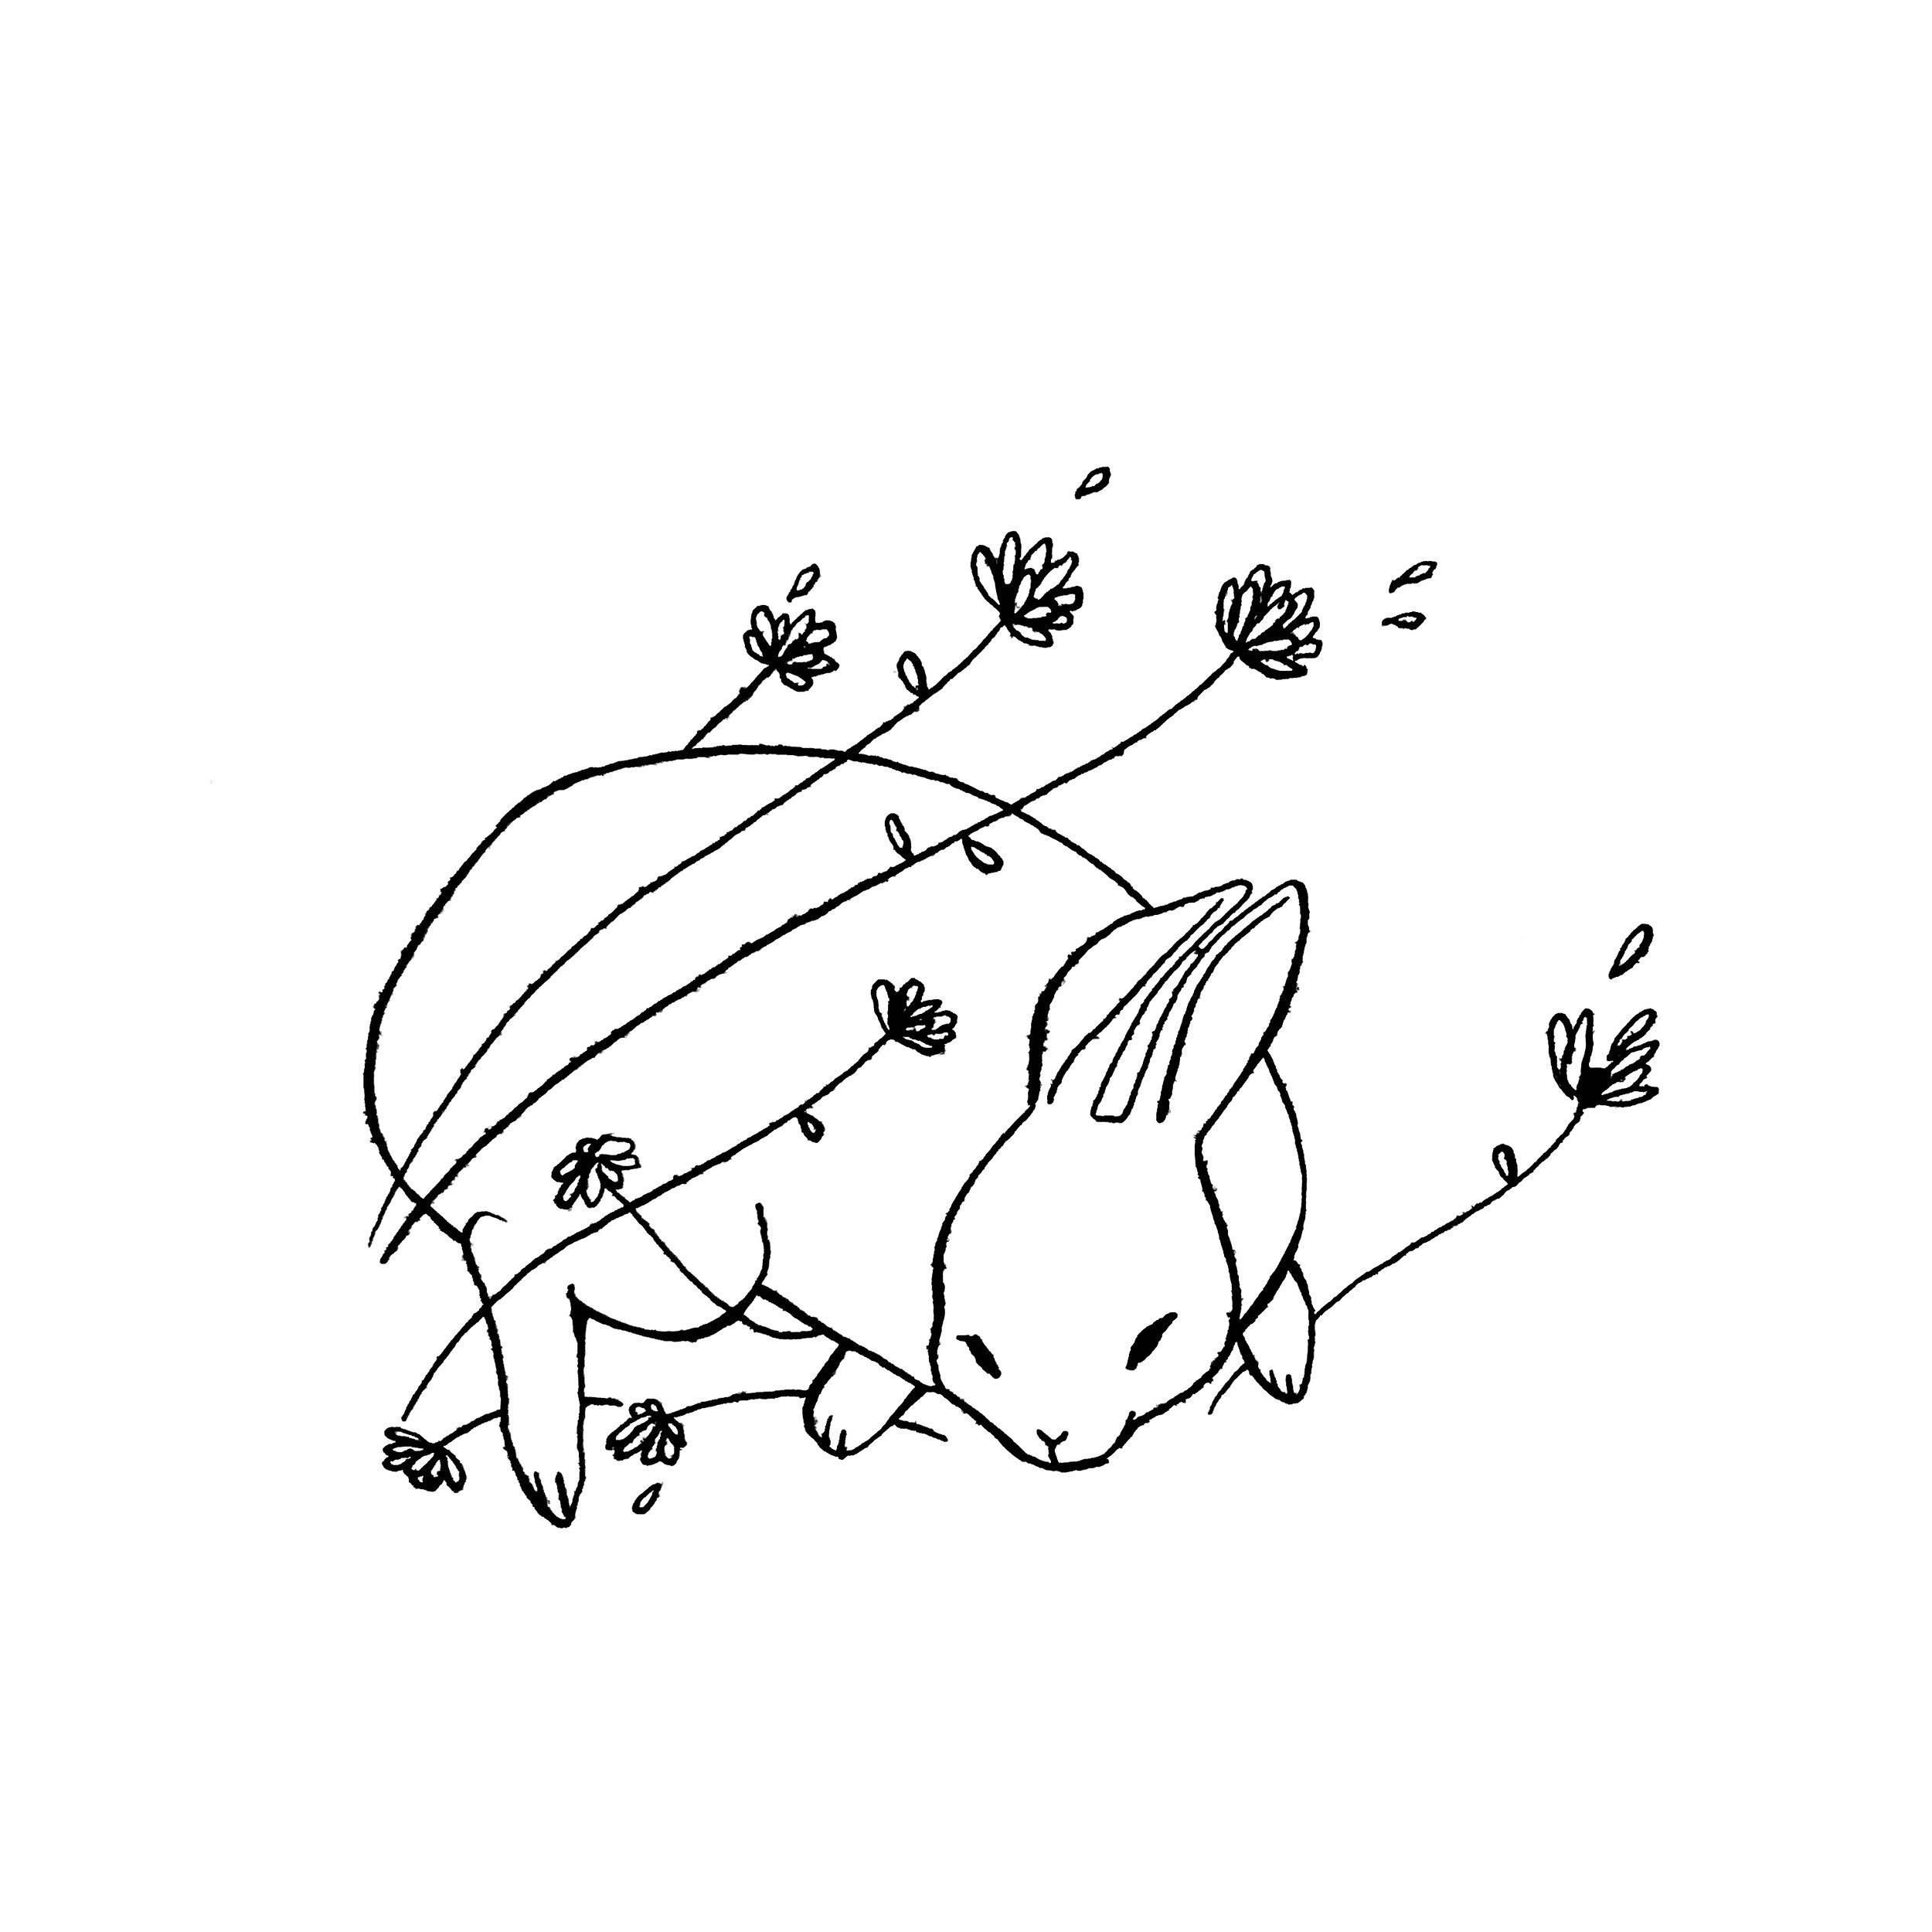 4. faunafatale_rabbit.jpg